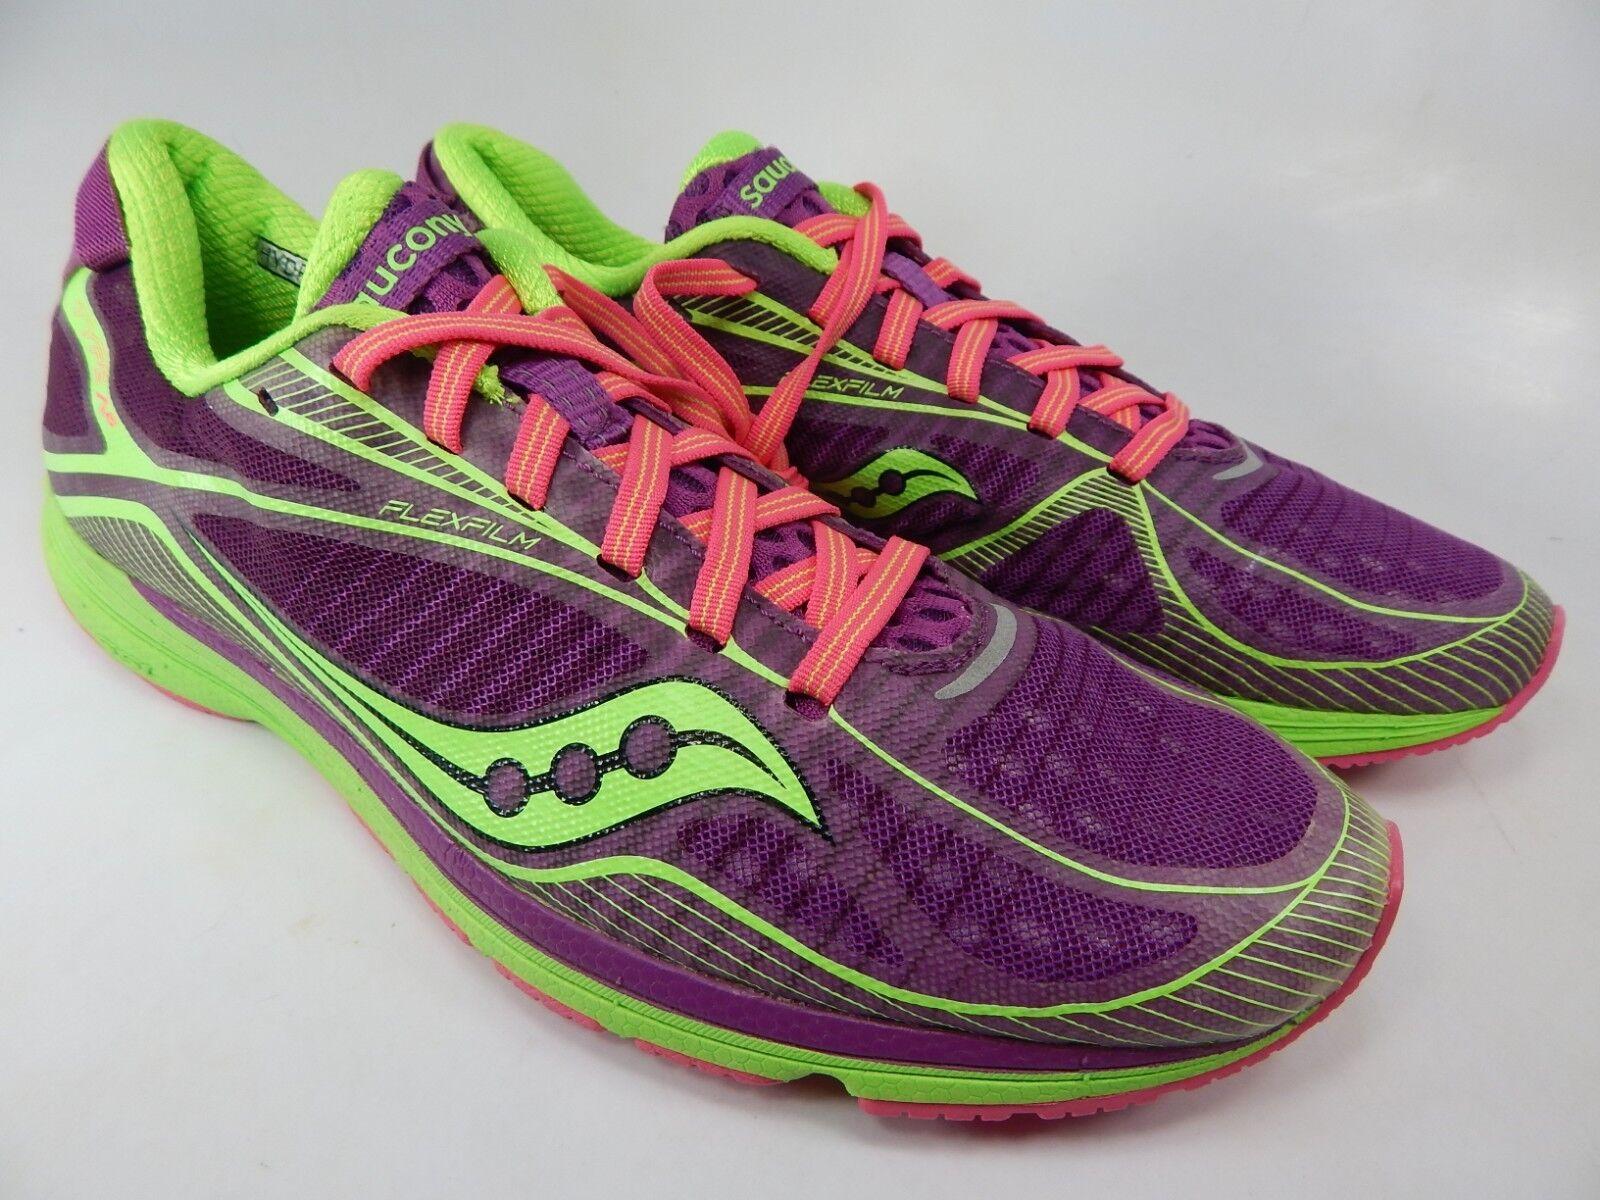 Saucony Tipo A6 Talla 8M (B) Eu 39 Mujer Zapatillas para Correr púrpura verde